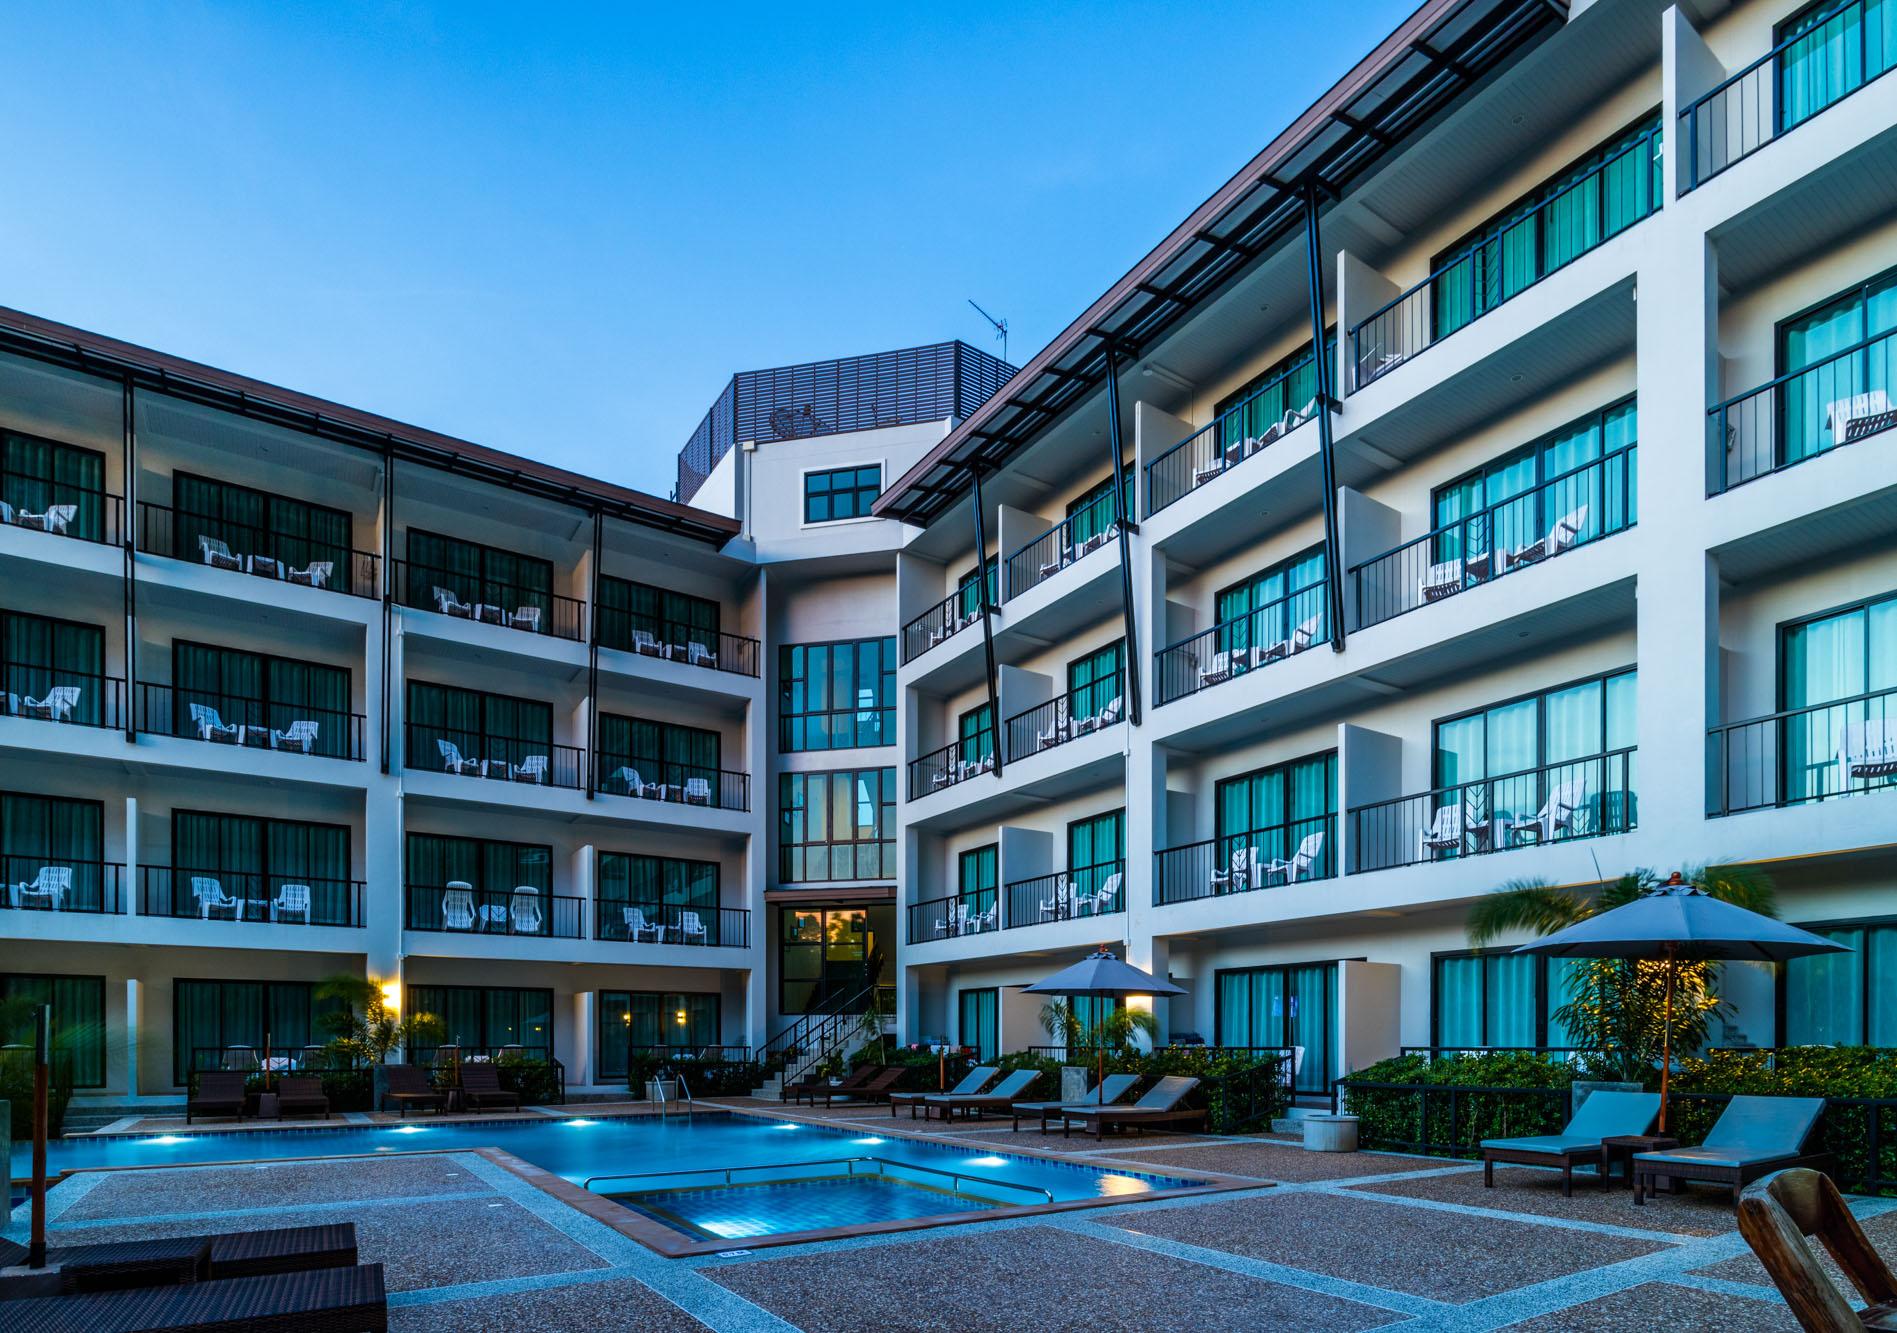 อันดามัน เพิร์ล รีสอร์ต (Andaman Pearl Resort)  อันดามันเพิร์ล รีสอร์ท Andaman Pearl Resort Aonang IMG 4975